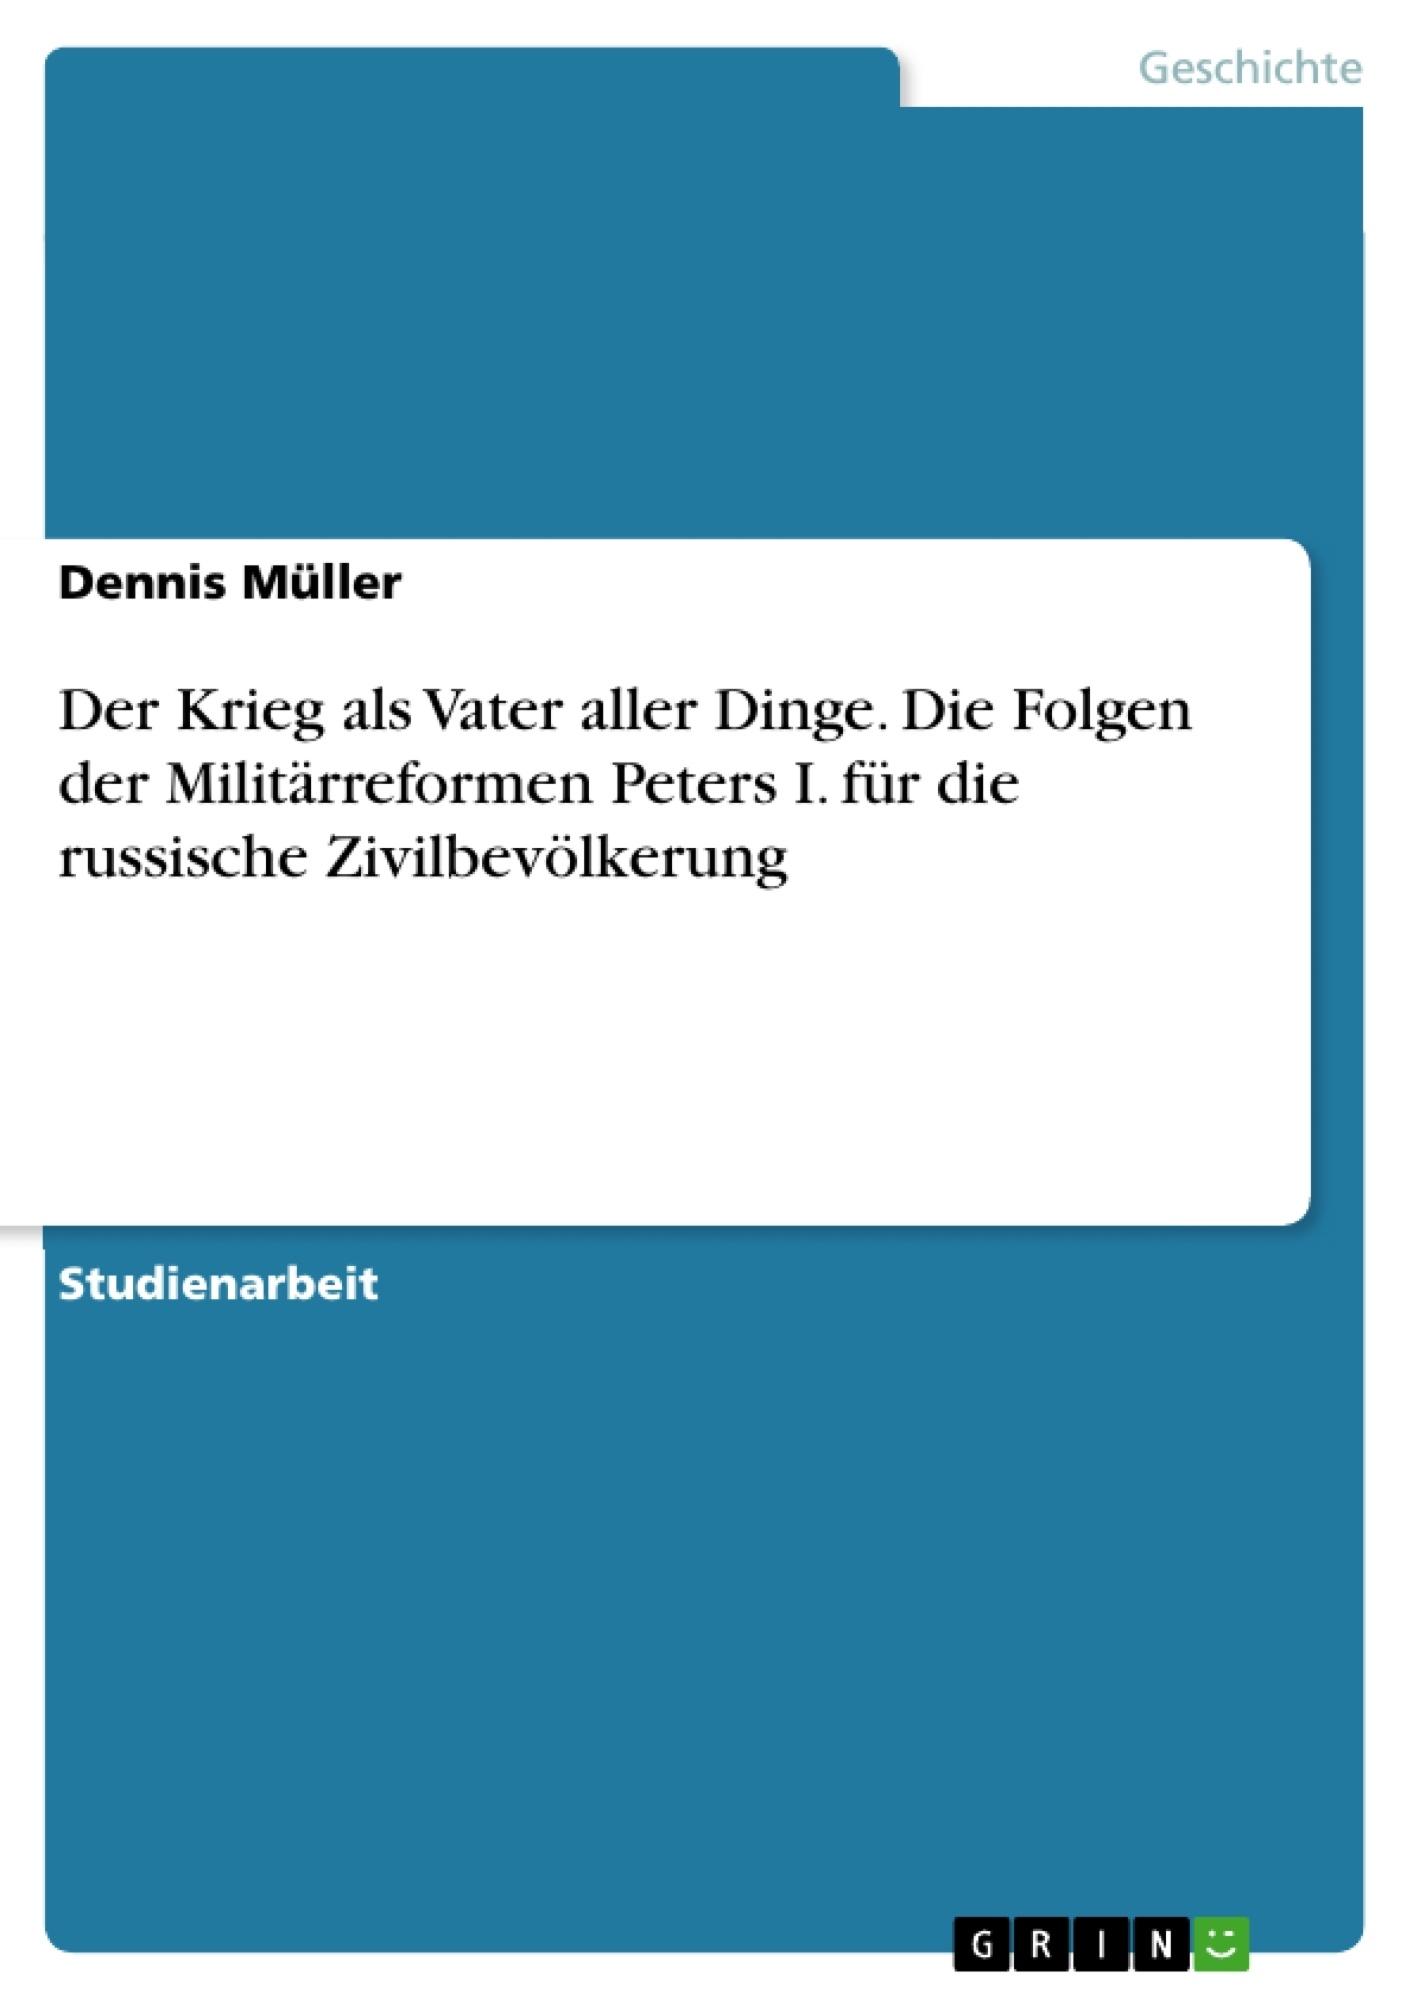 Titel: Der Krieg als Vater aller Dinge. Die Folgen der Militärreformen Peters I. für die russische Zivilbevölkerung